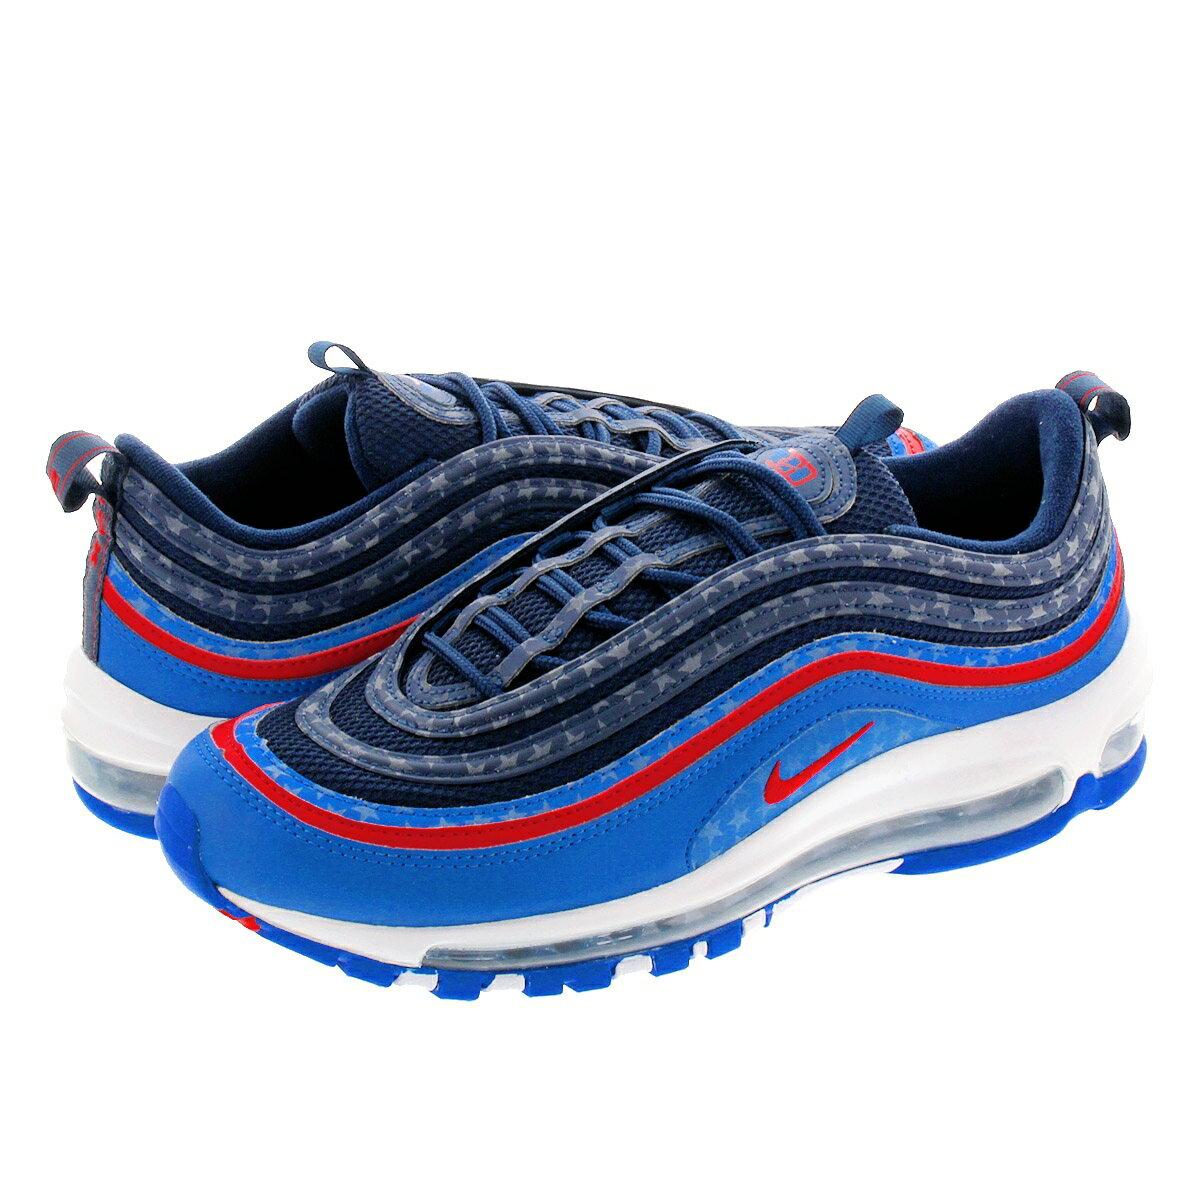 メンズ靴, スニーカー NIKE AIR MAX 97 97 GAME ROYALUNIVERSITY REDMIDNIGHT NAVY cd7791-400